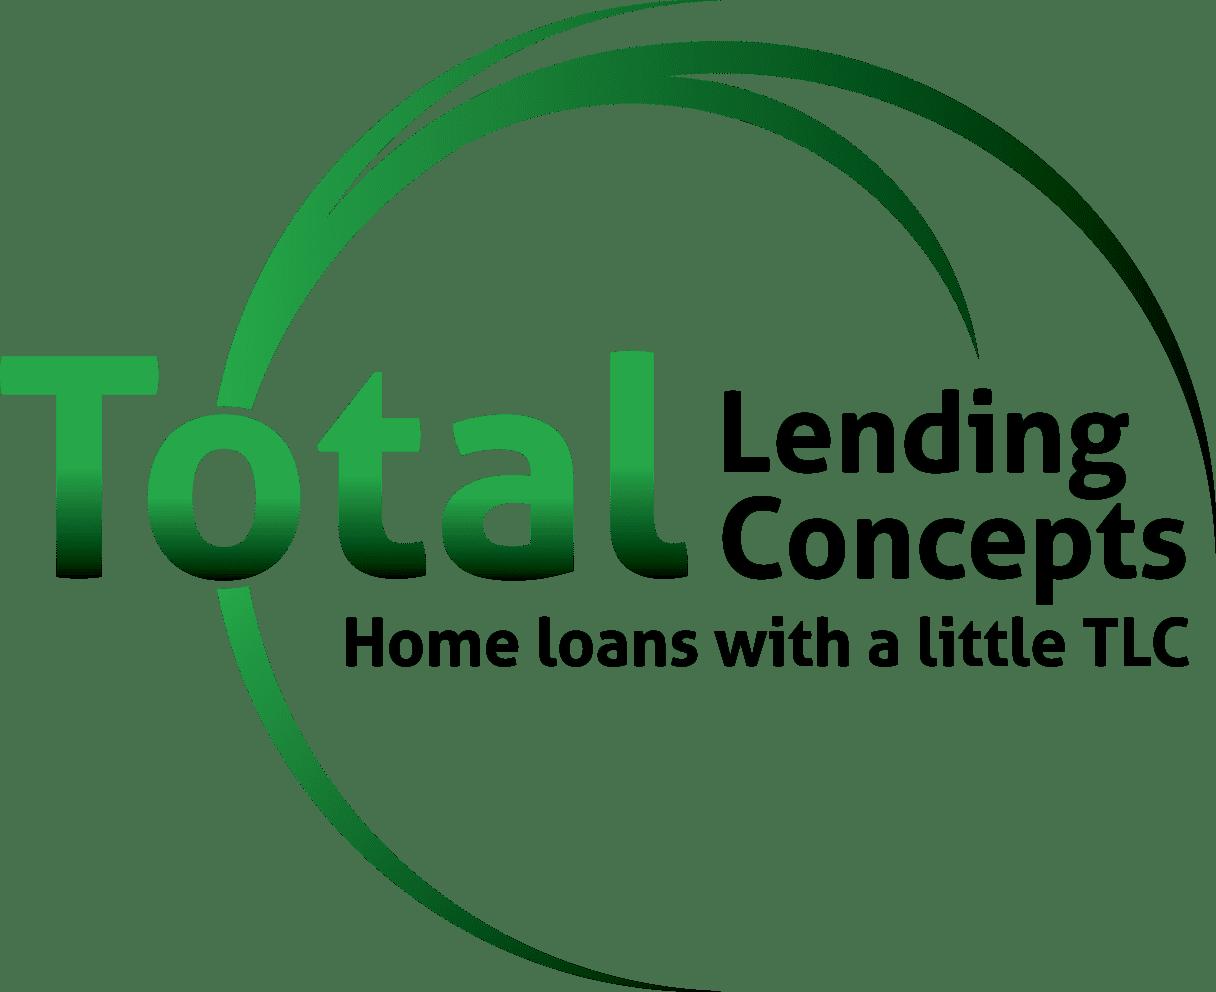 Total Lending Concepts